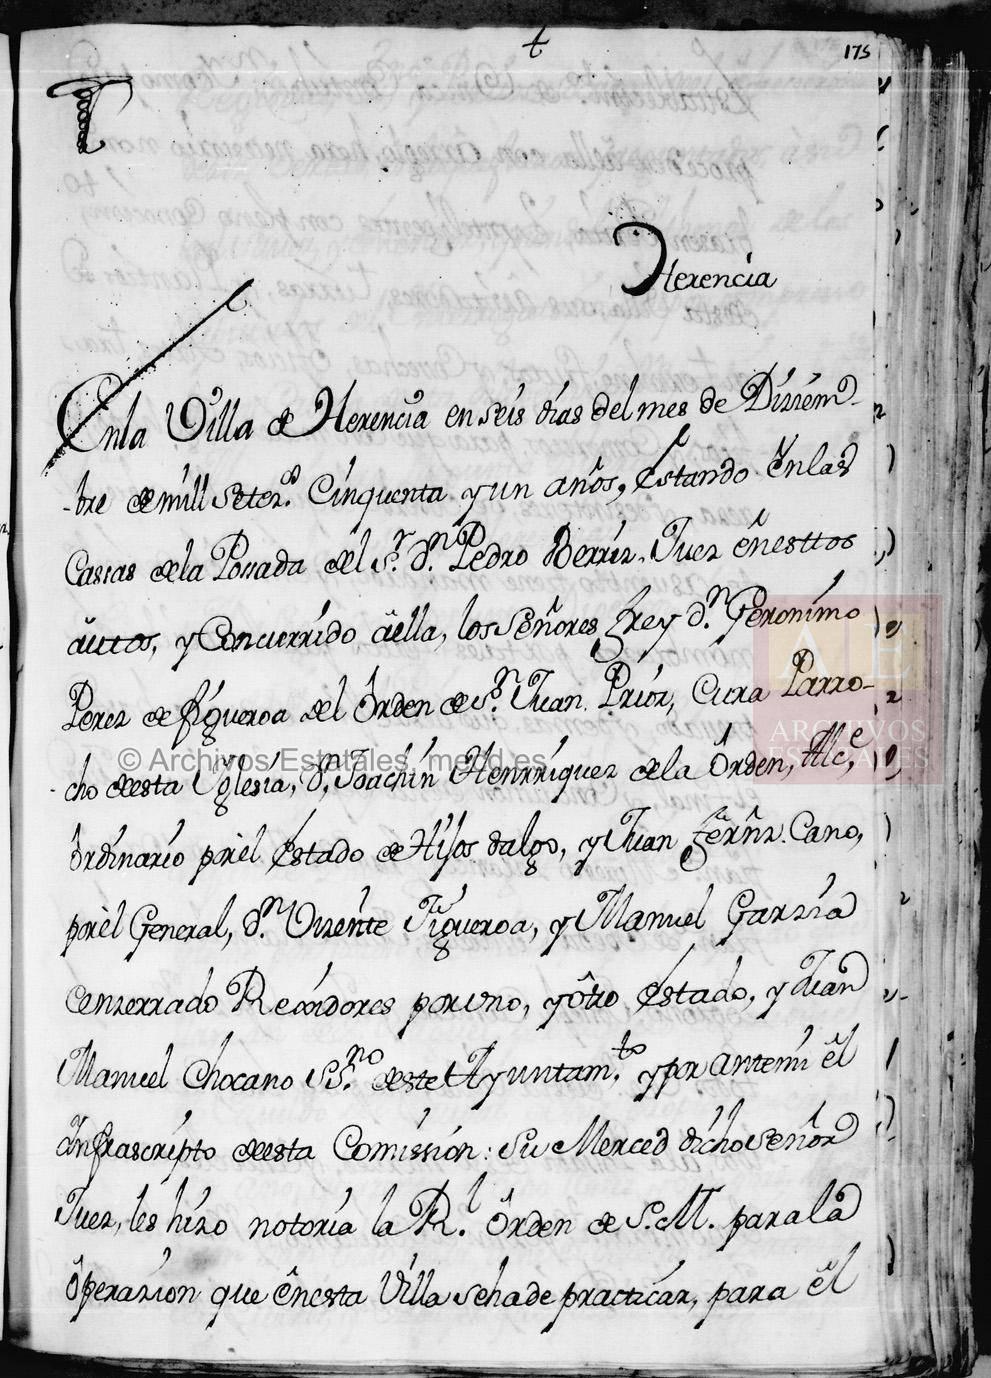 Primera Hoja del Cuestionario del Catastro del Marques de la Ensenada relativo a Herencia AGS CE RG L616 178 - Continúan las II Jornadas de Historia de Herencia